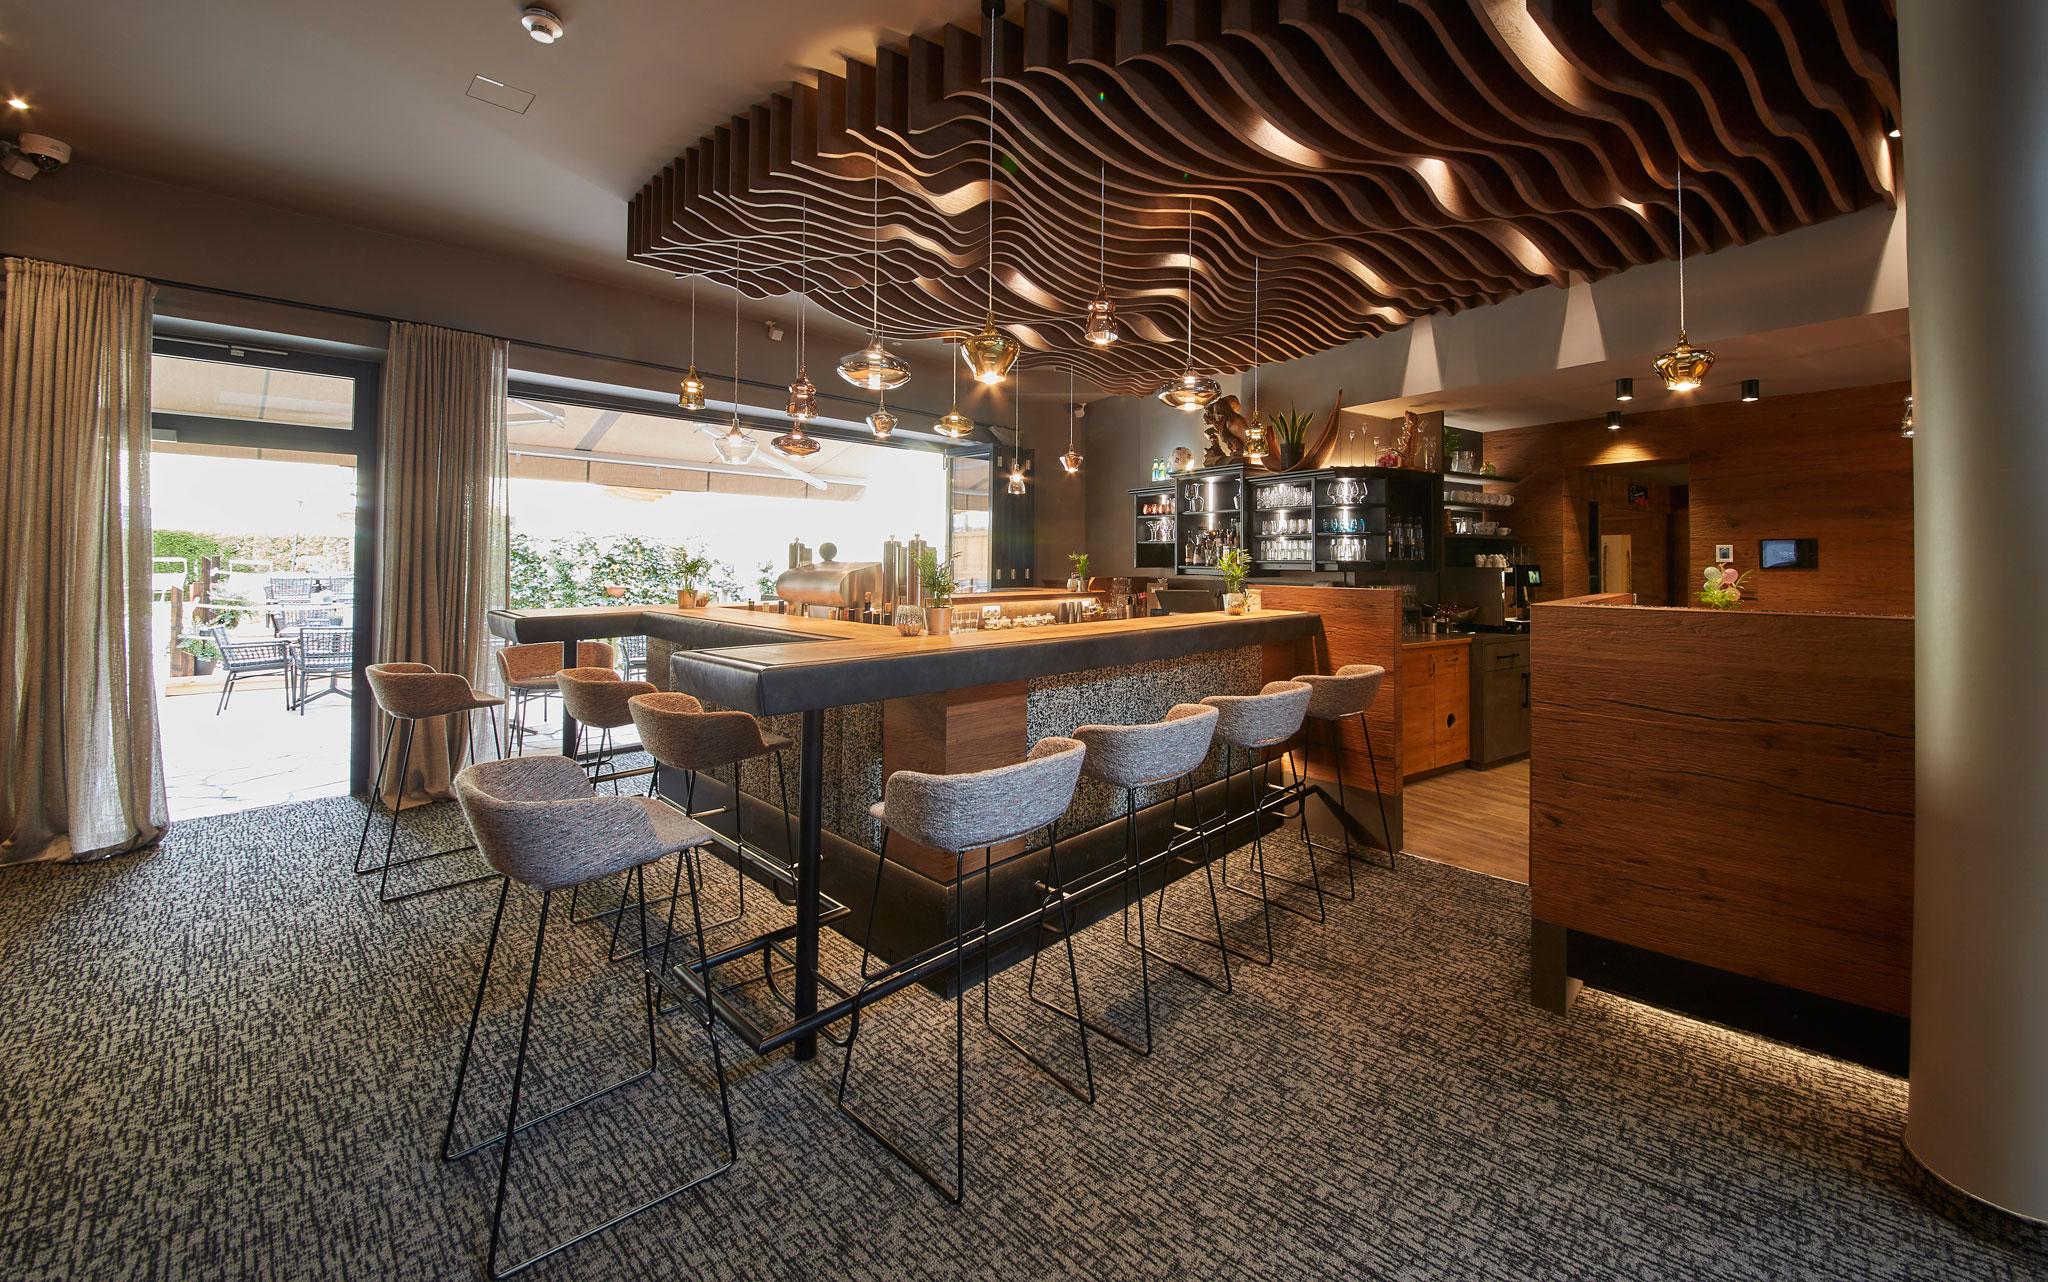 Ein Blick auf die Bar mit Hochstühlen rundherum und stylischen Deckenleuchten.